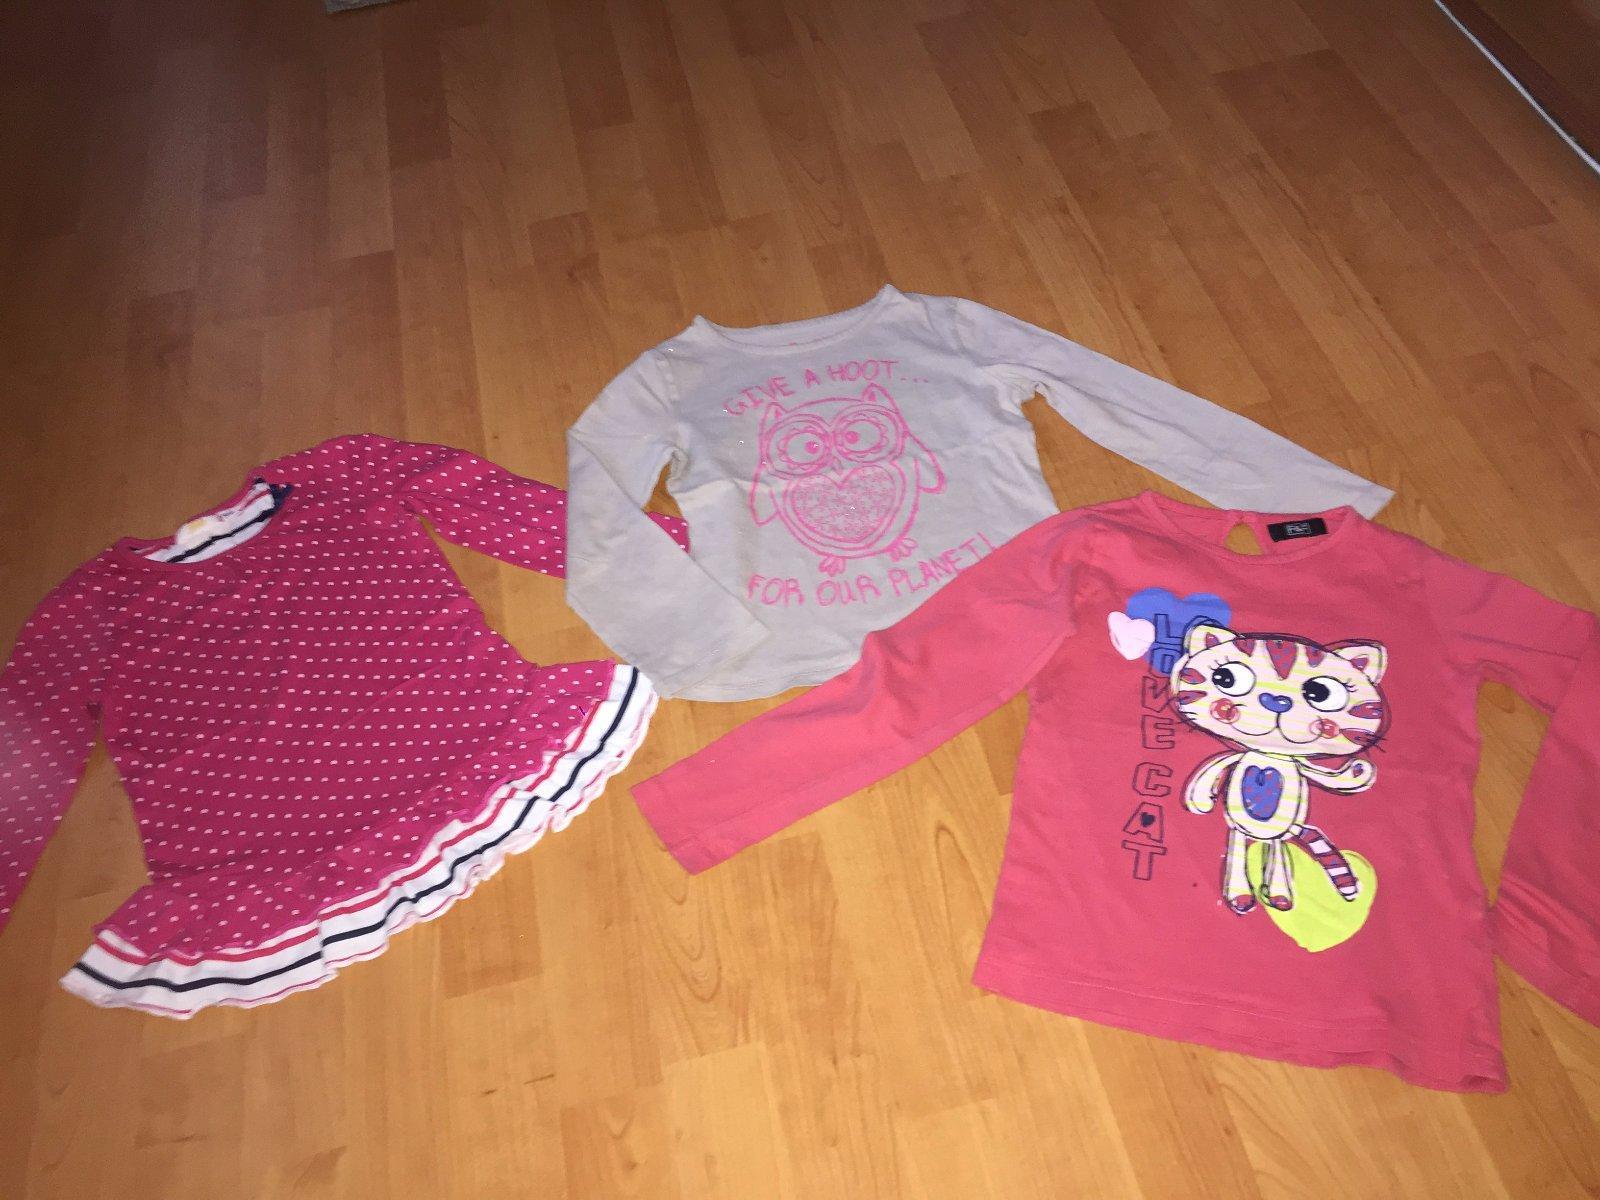 ee9e0a895ec1 2 dievčenské tričká - dlhý rukáv - cena spolu